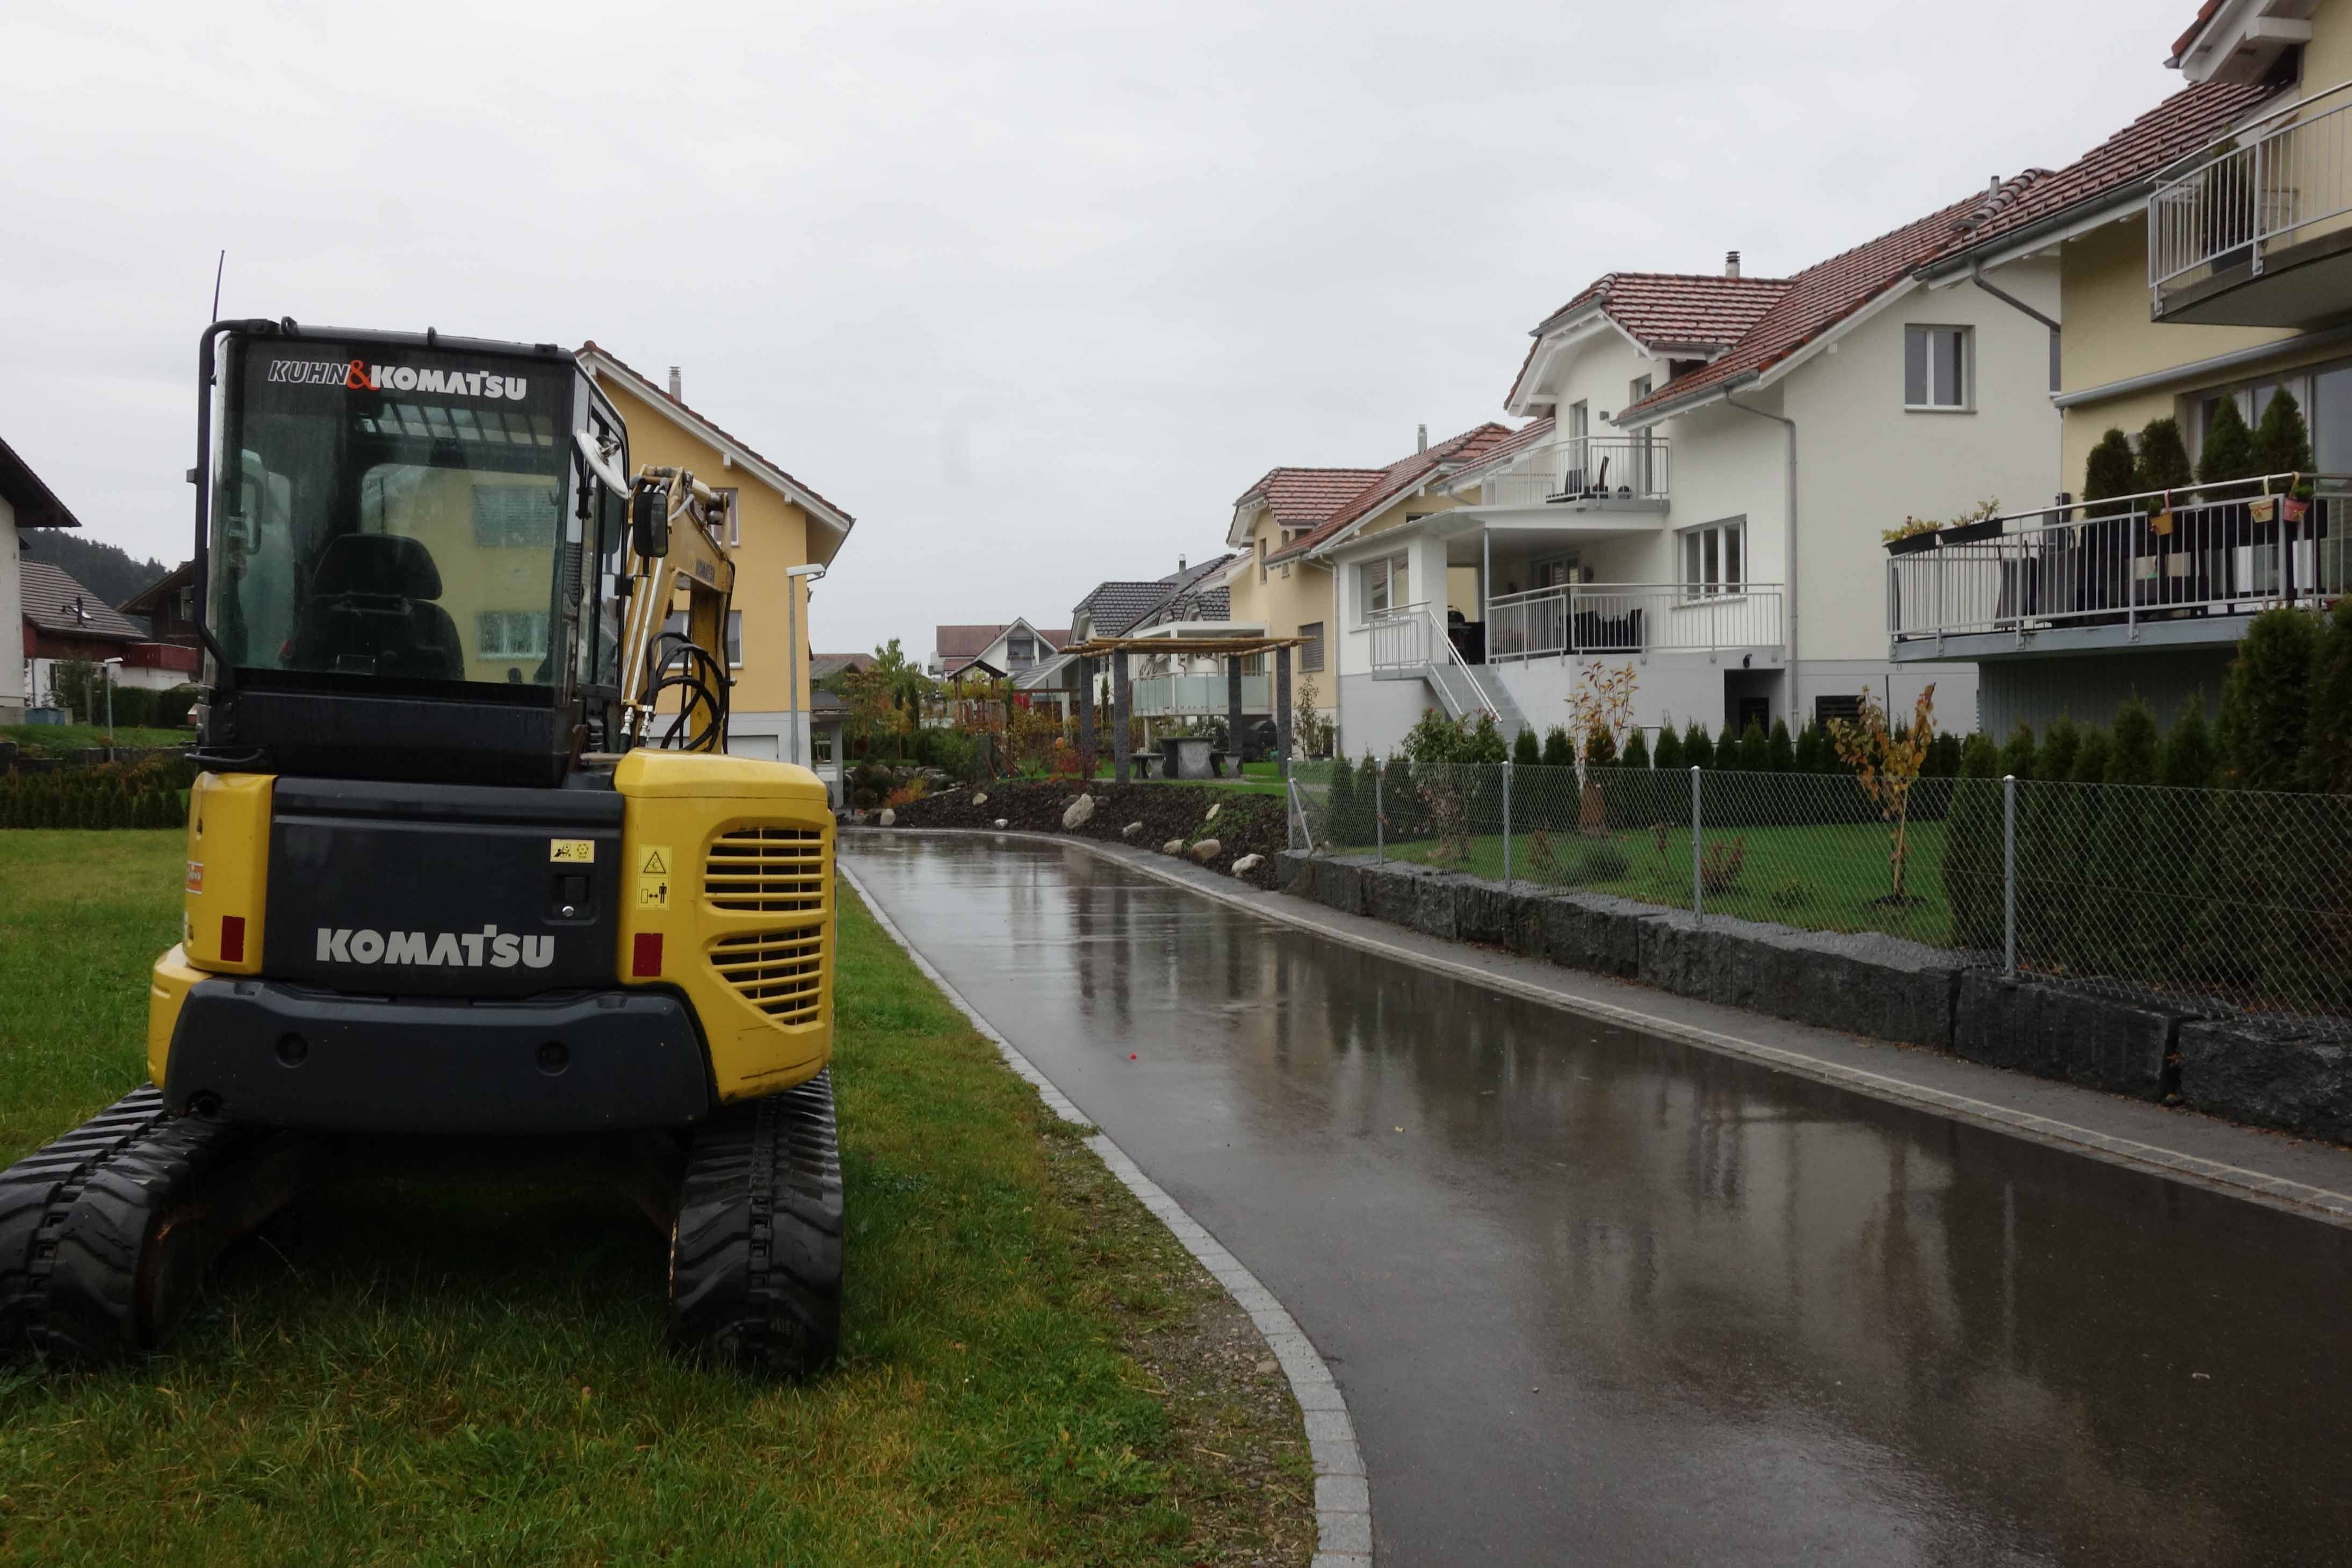 Komatsu-Bagger vor Einfamilienhäusern